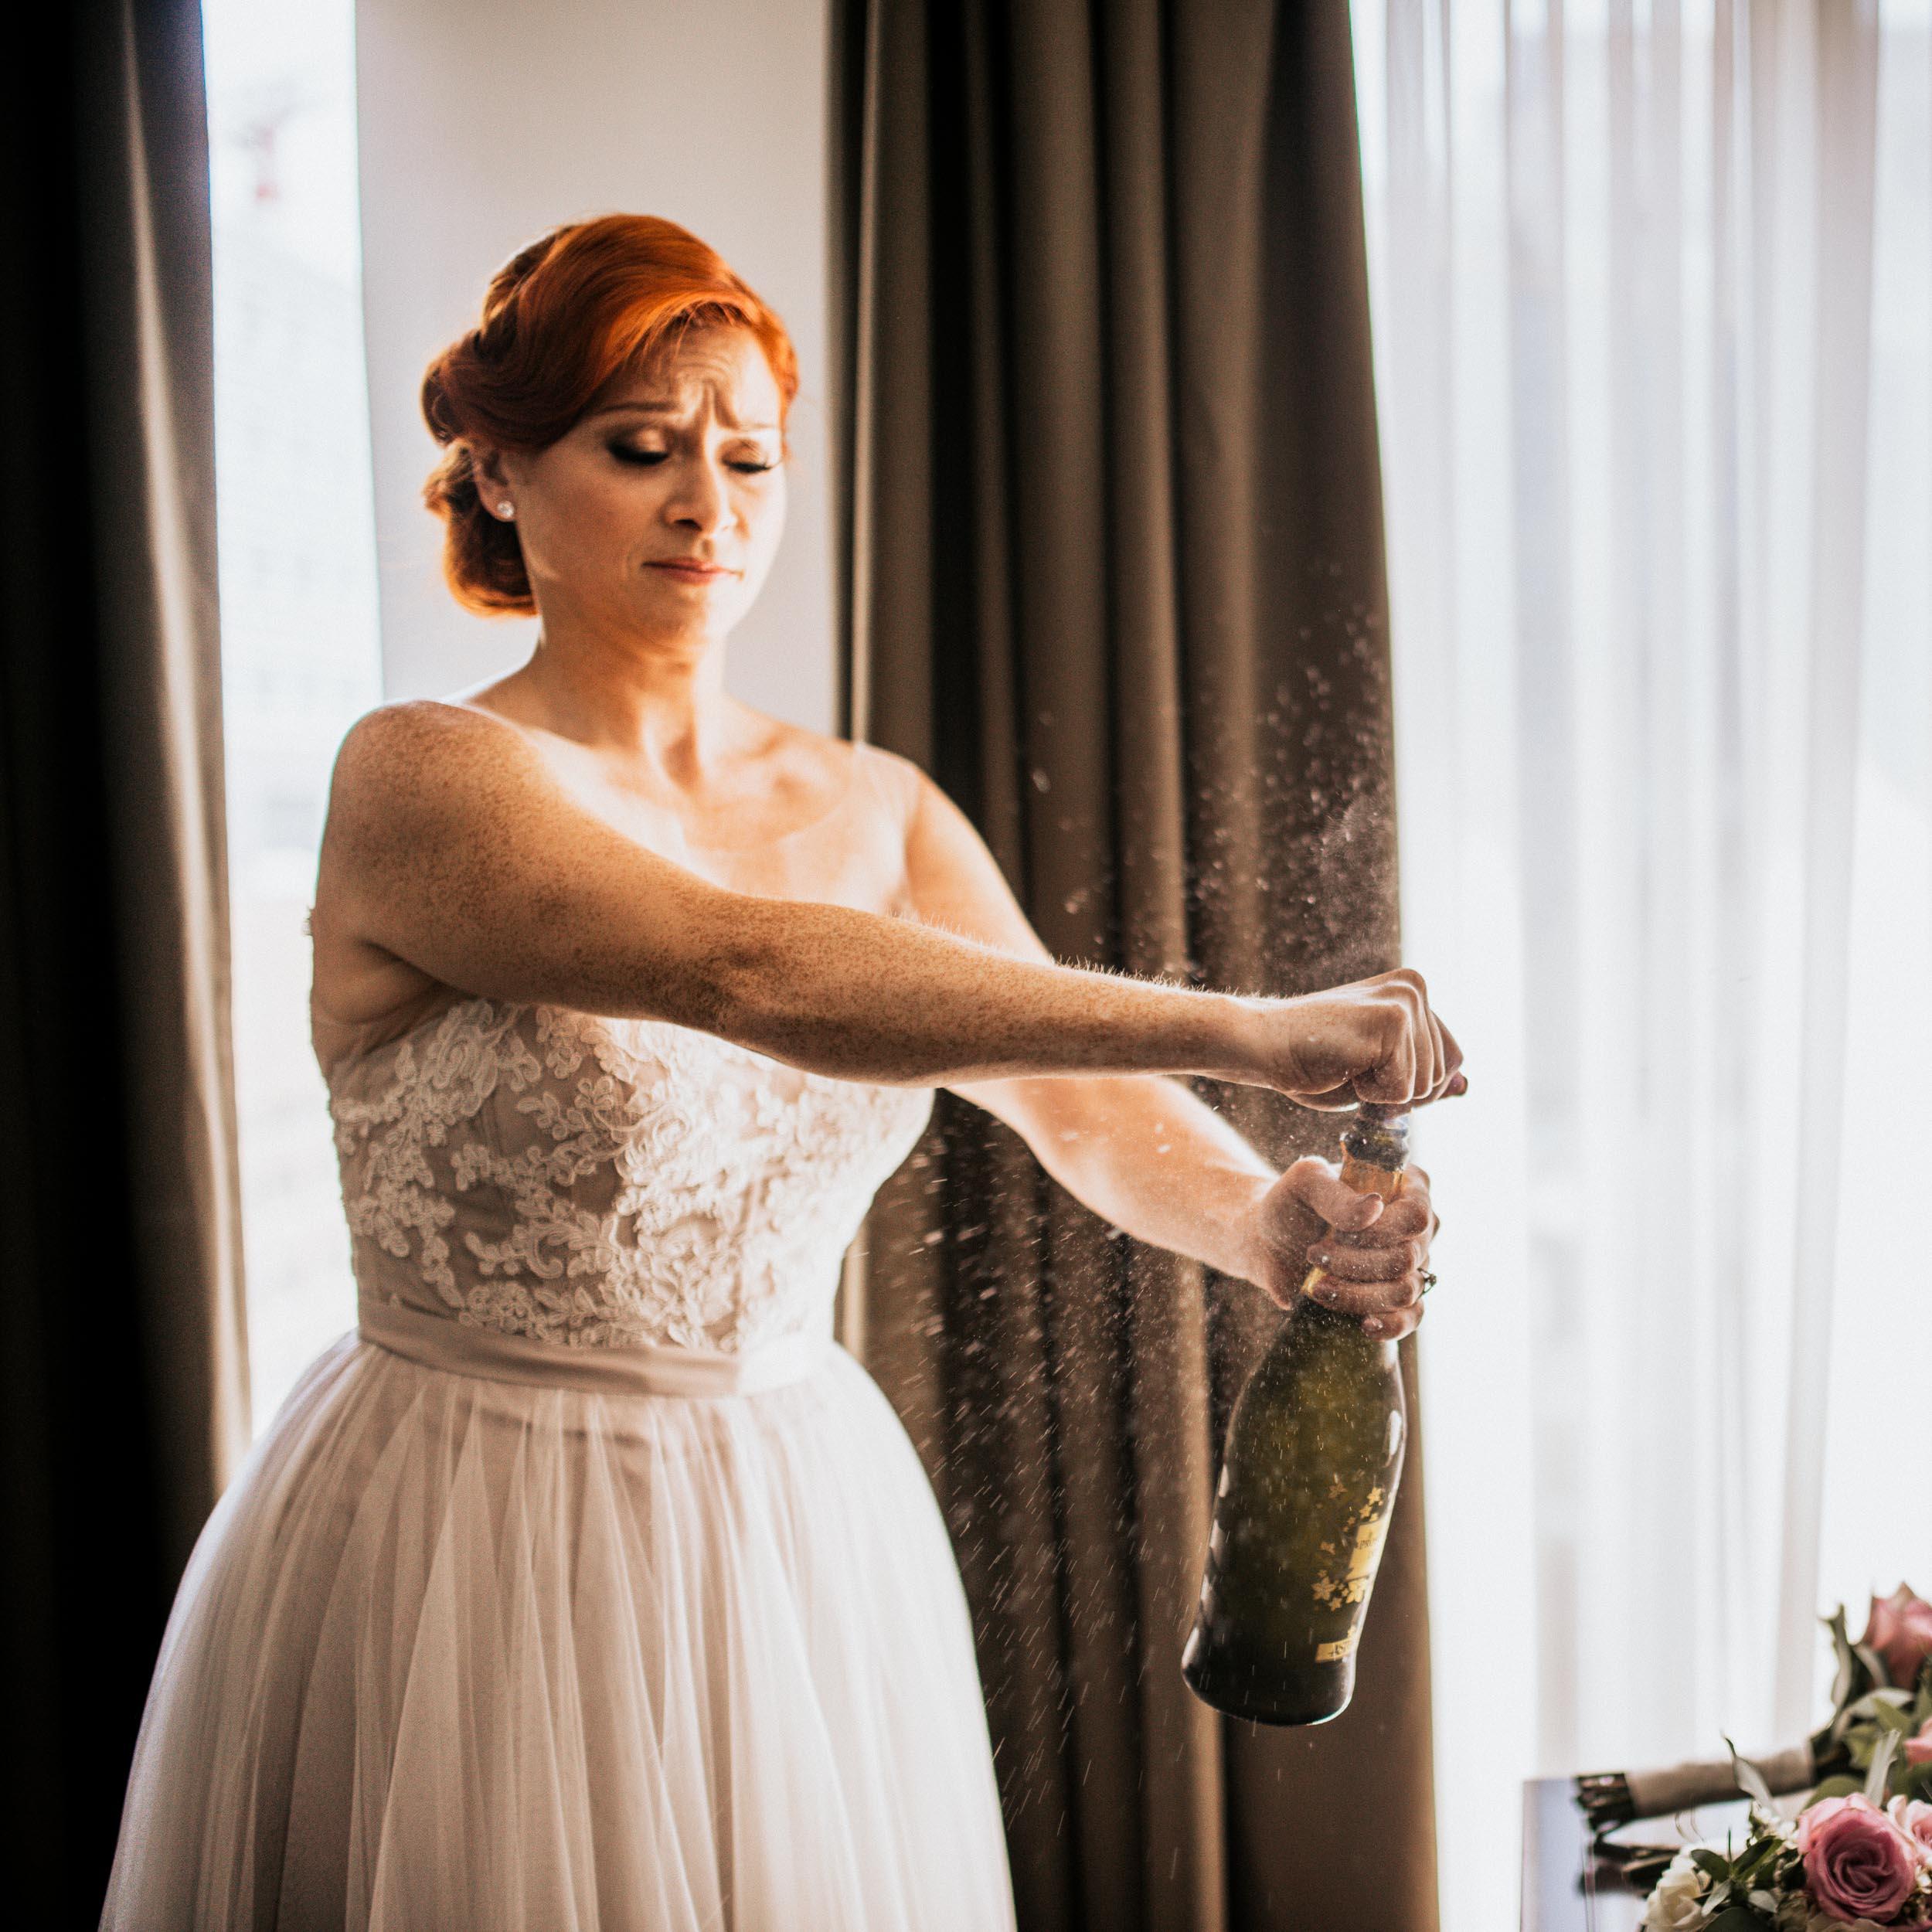 wedding-photography-stratford-davidiam-172.jpg